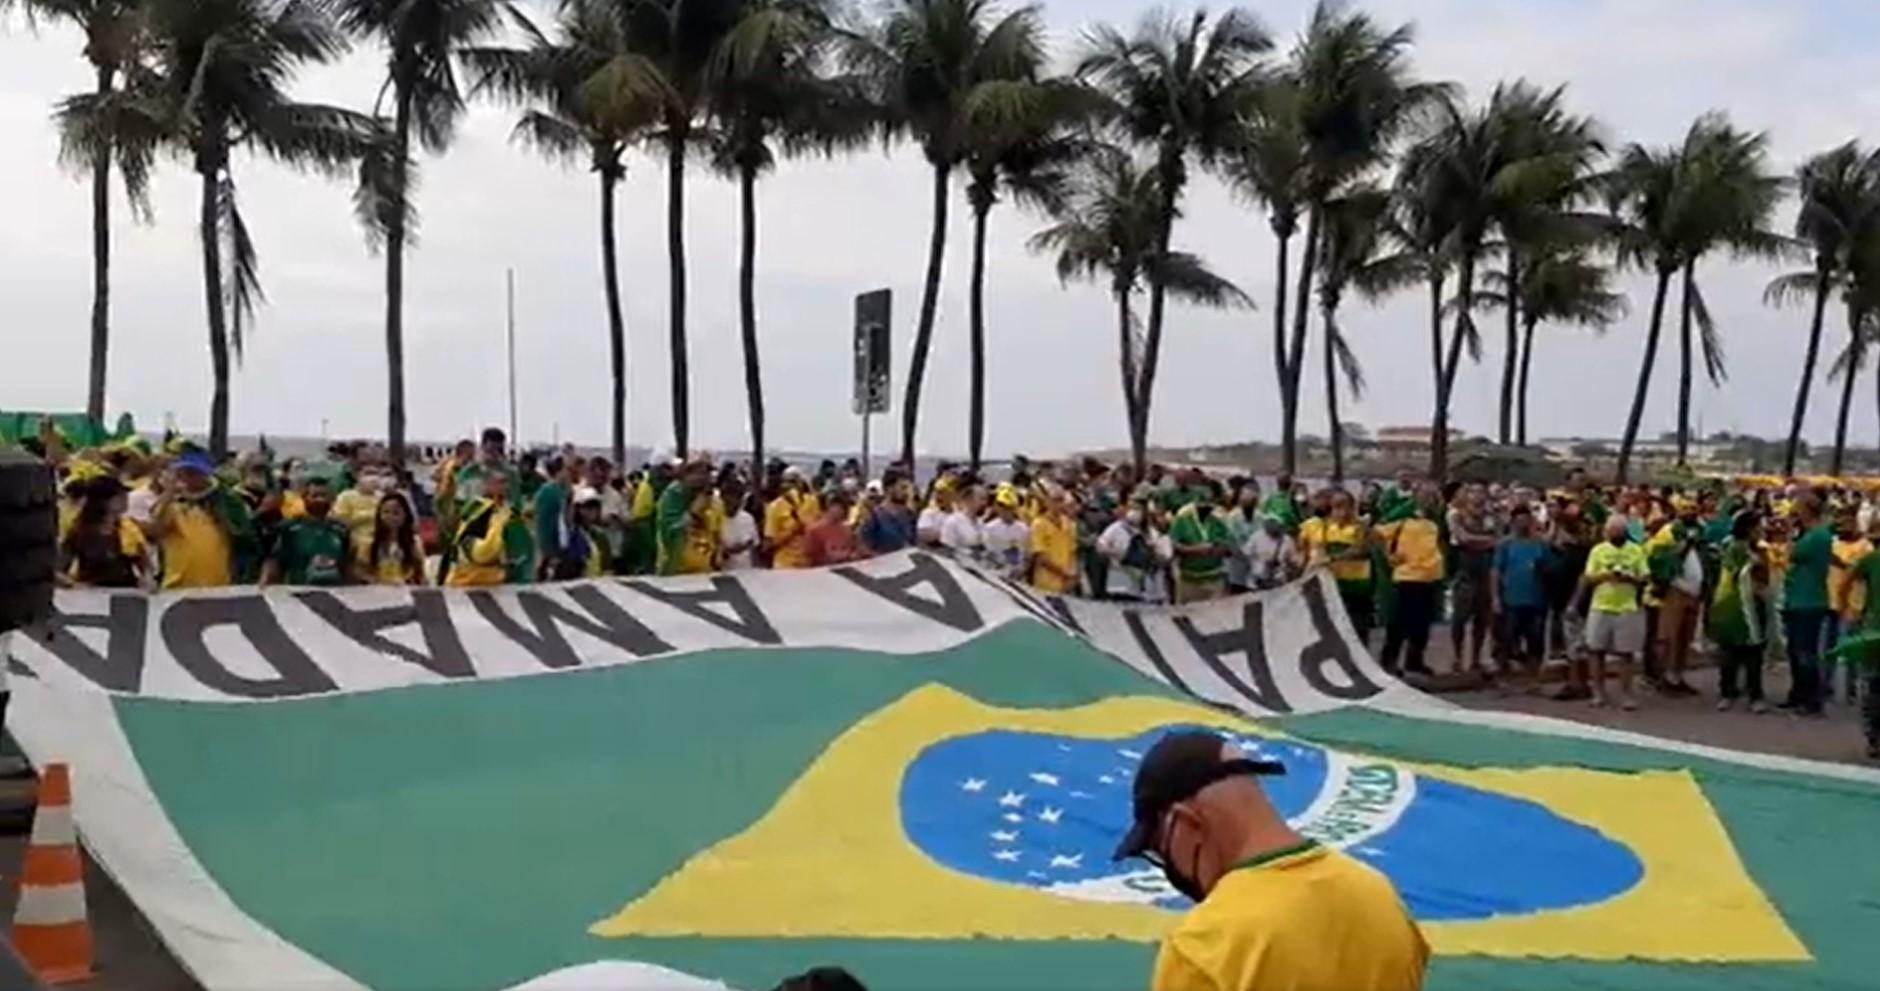 IMAGEM: Bolsonaristas se reúnem em Copacabana para ato de 7 de Setembro